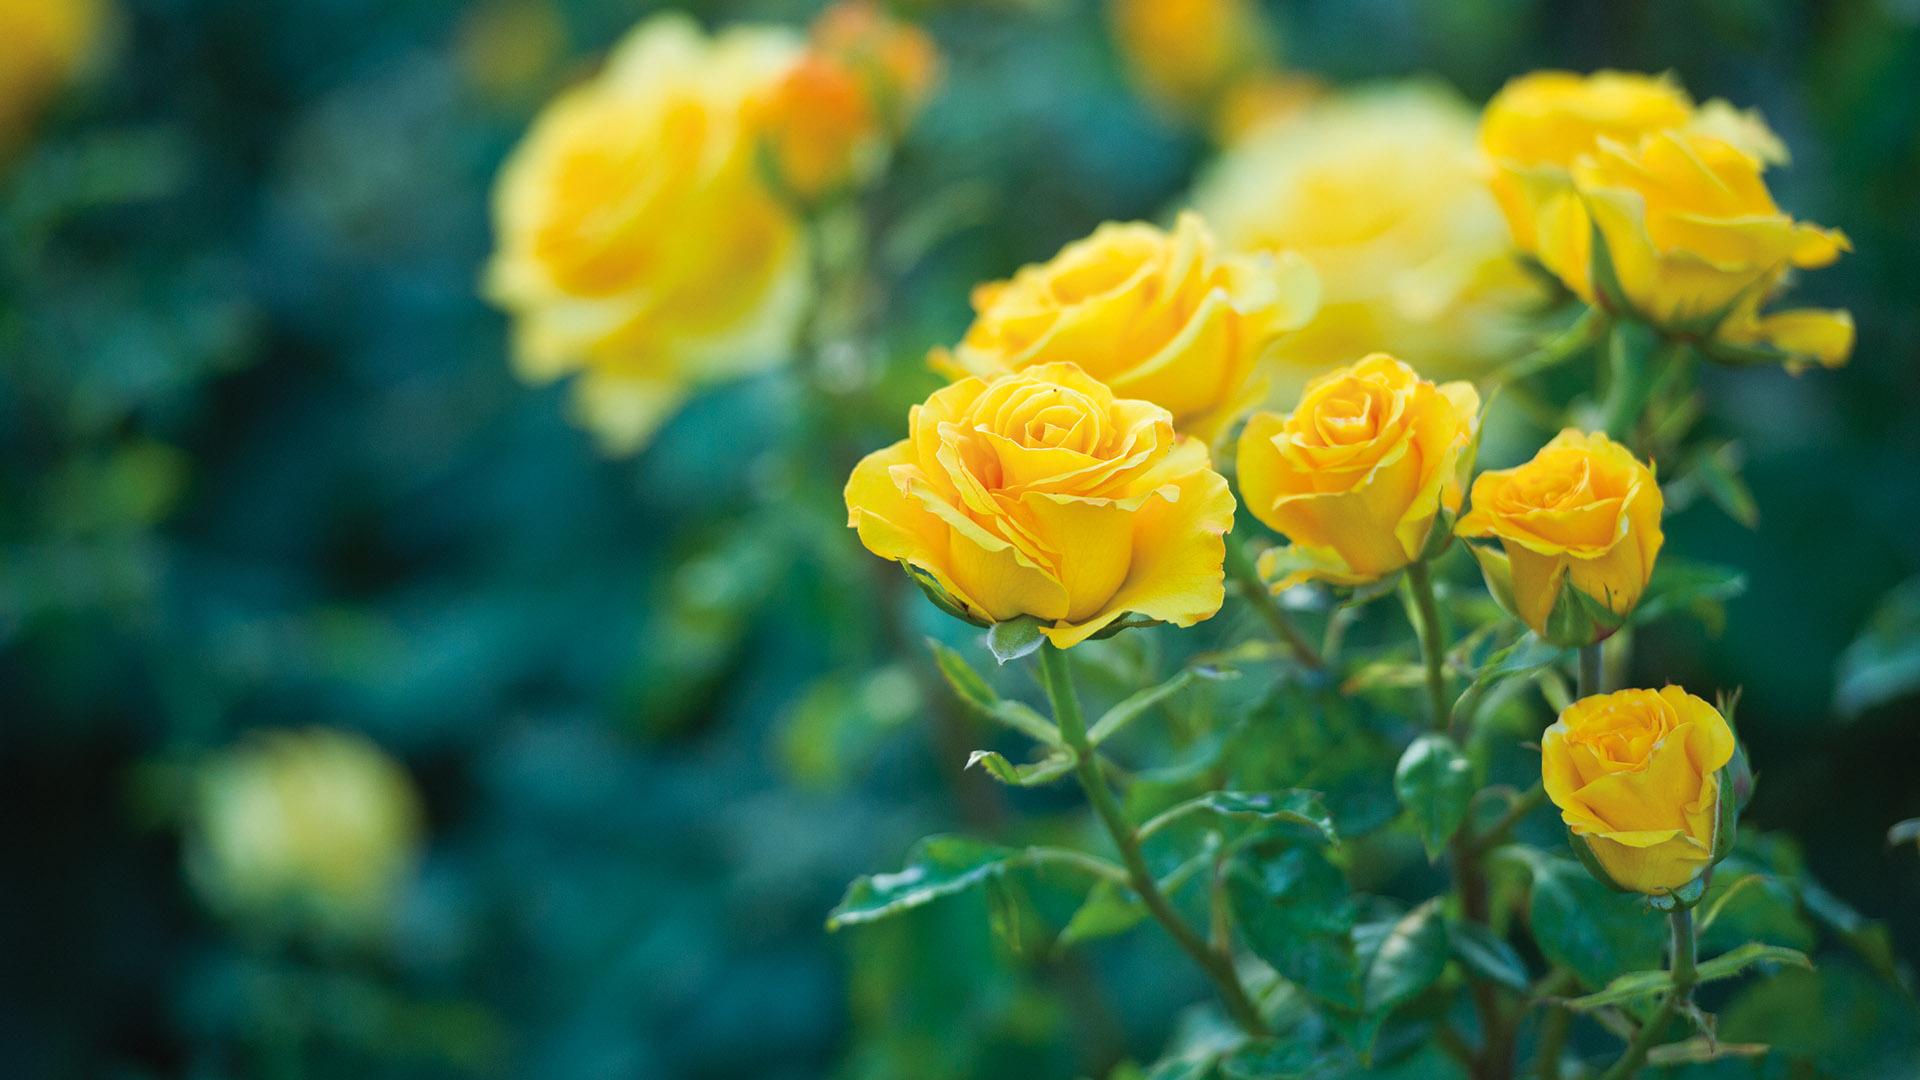 rose_main